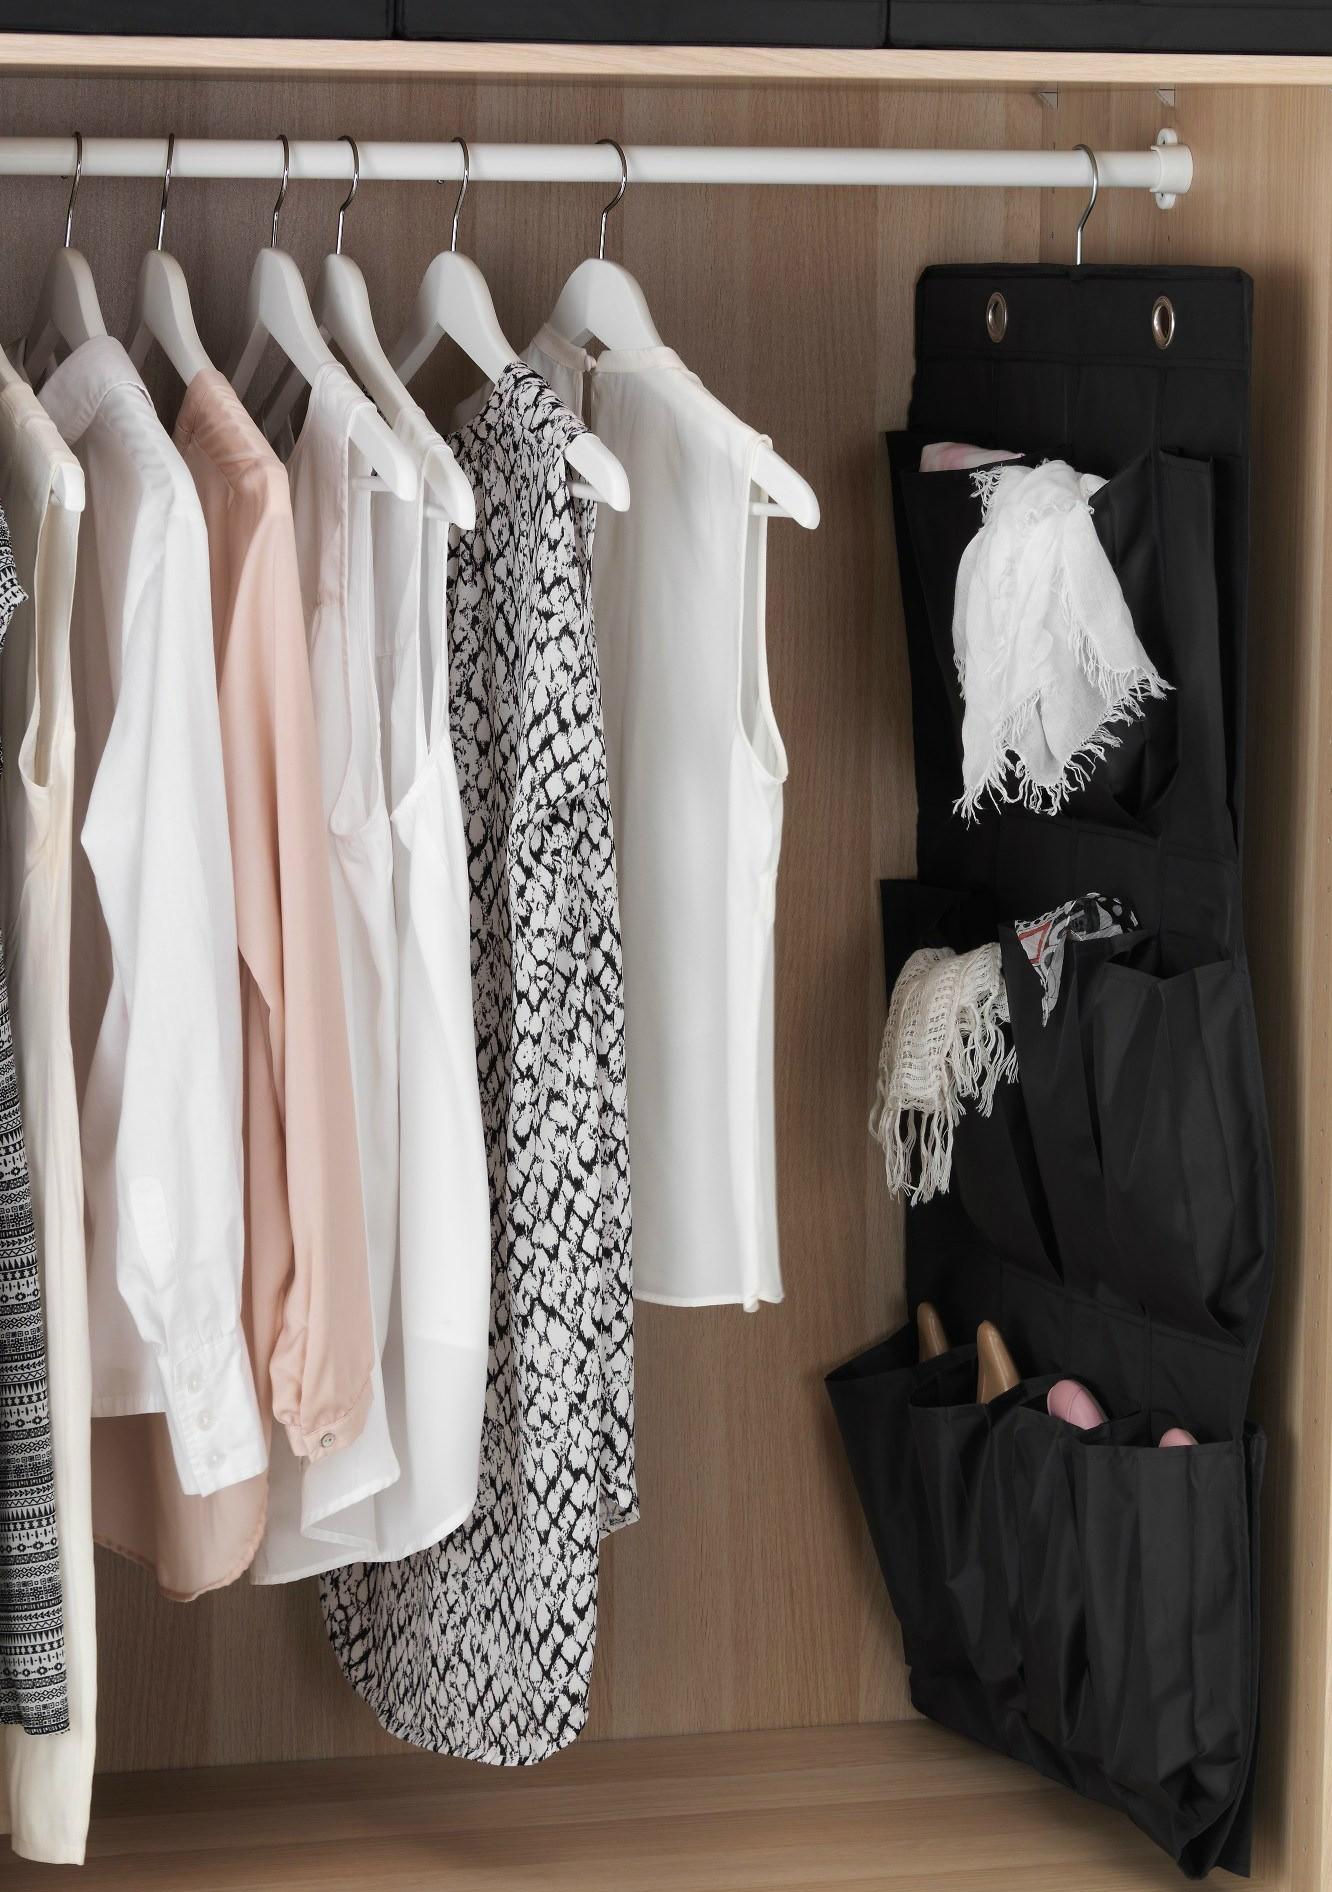 14 полезных аксессуаров, помогающих поддерживать порядок в ящиках и шкафах